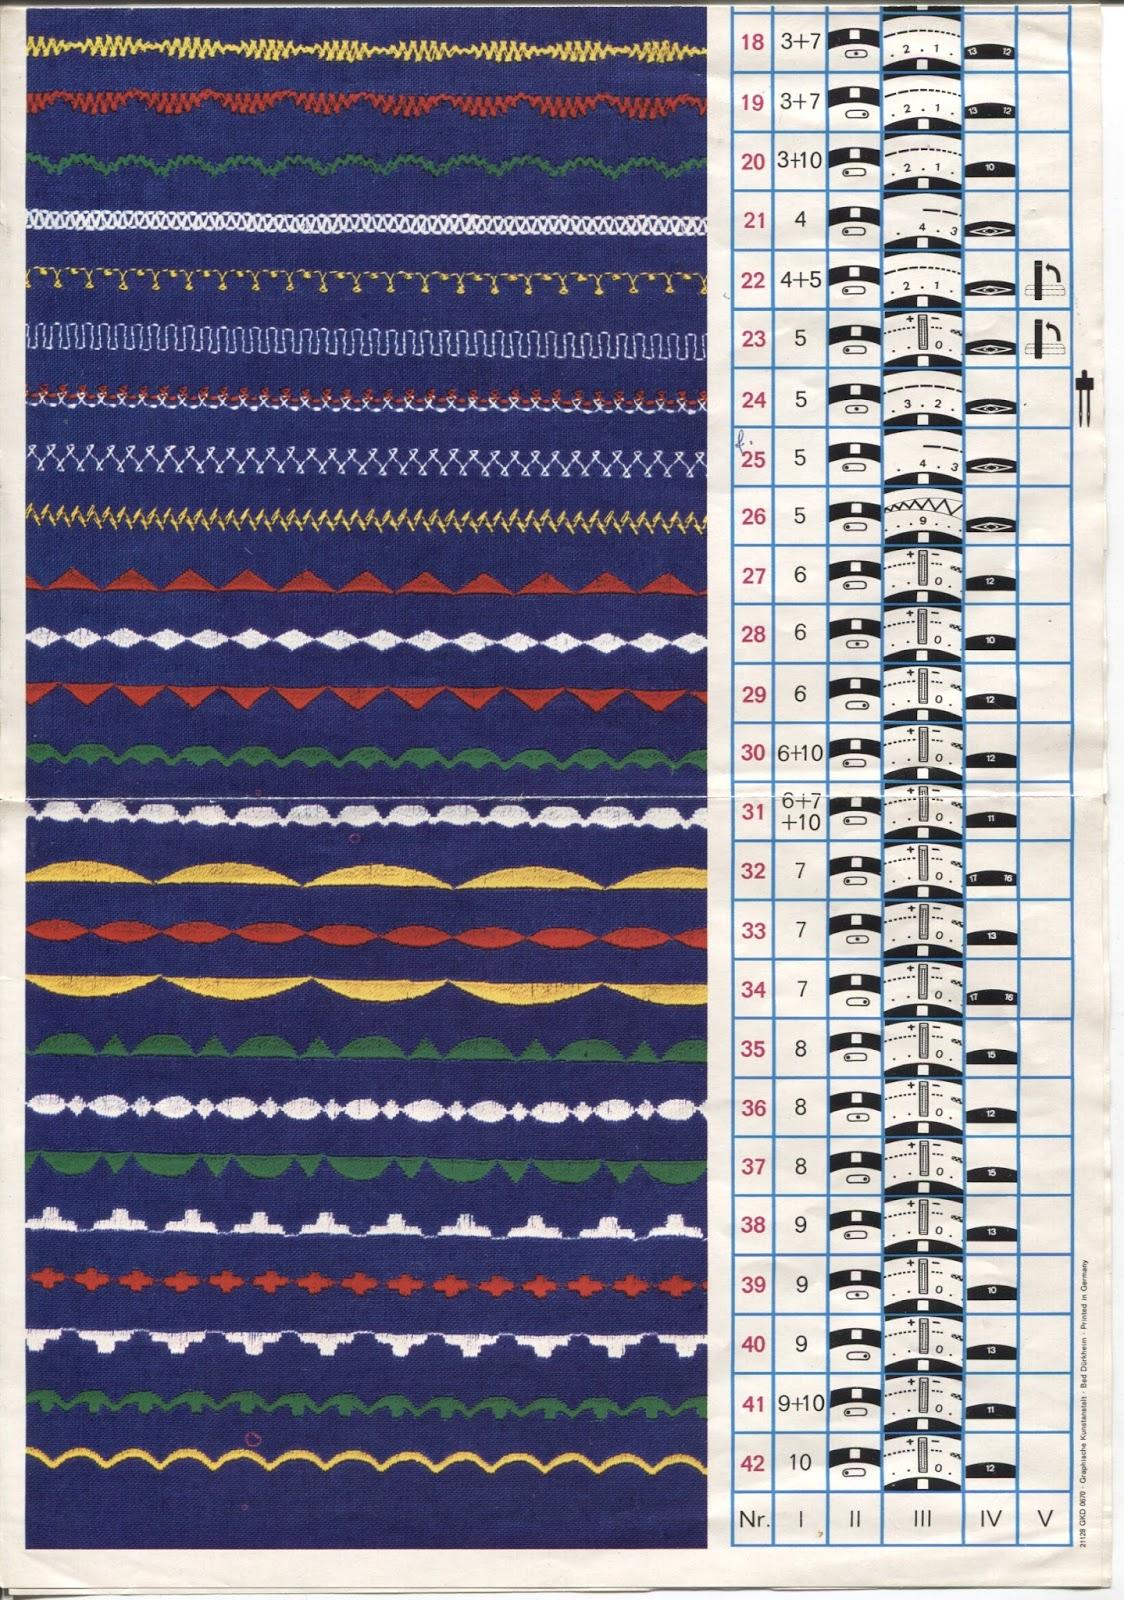 Pfaff 133 K-0-11-A: Die Stichkombinationen der Pfaff 1221 und 1222